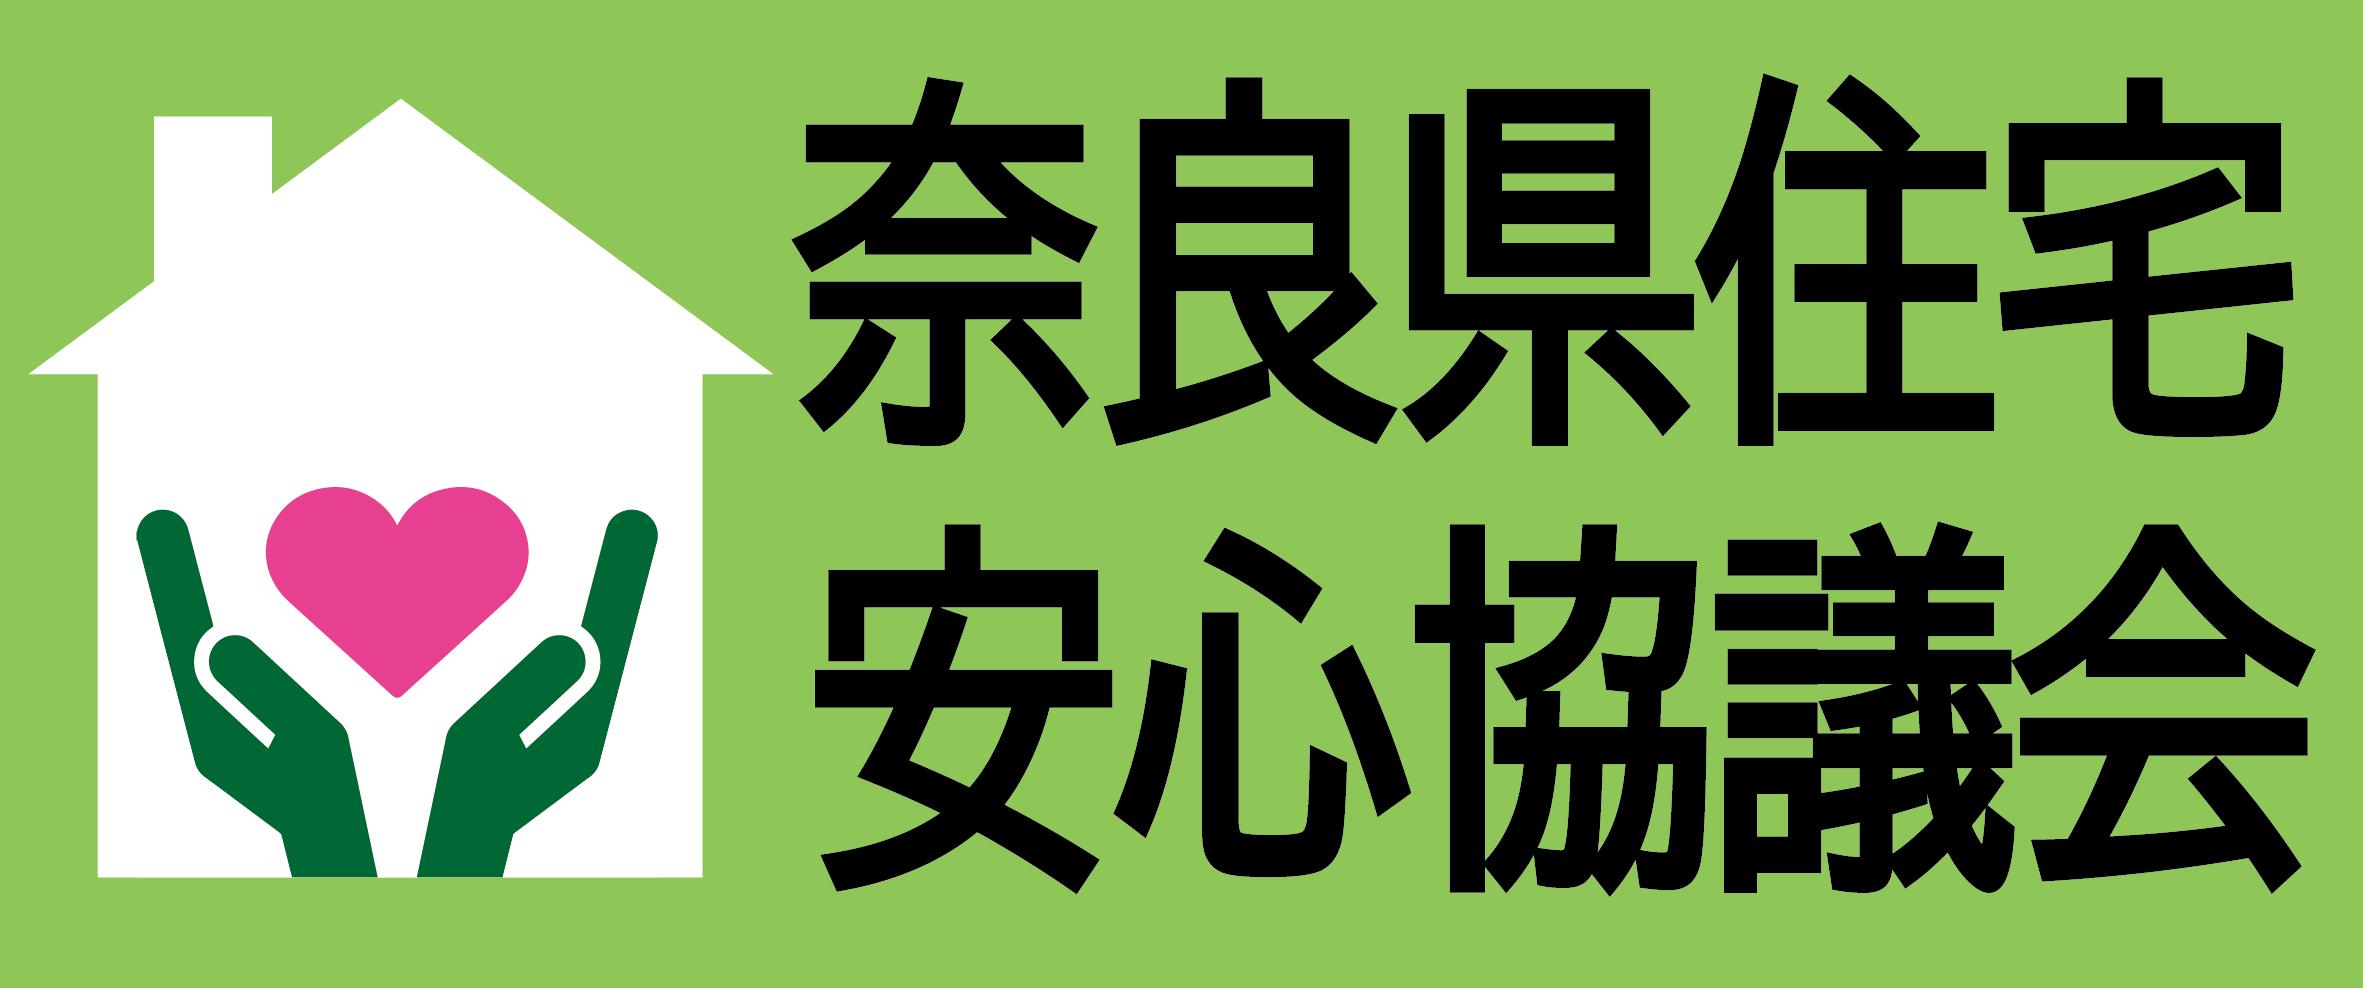 奈良県住宅安心協議会